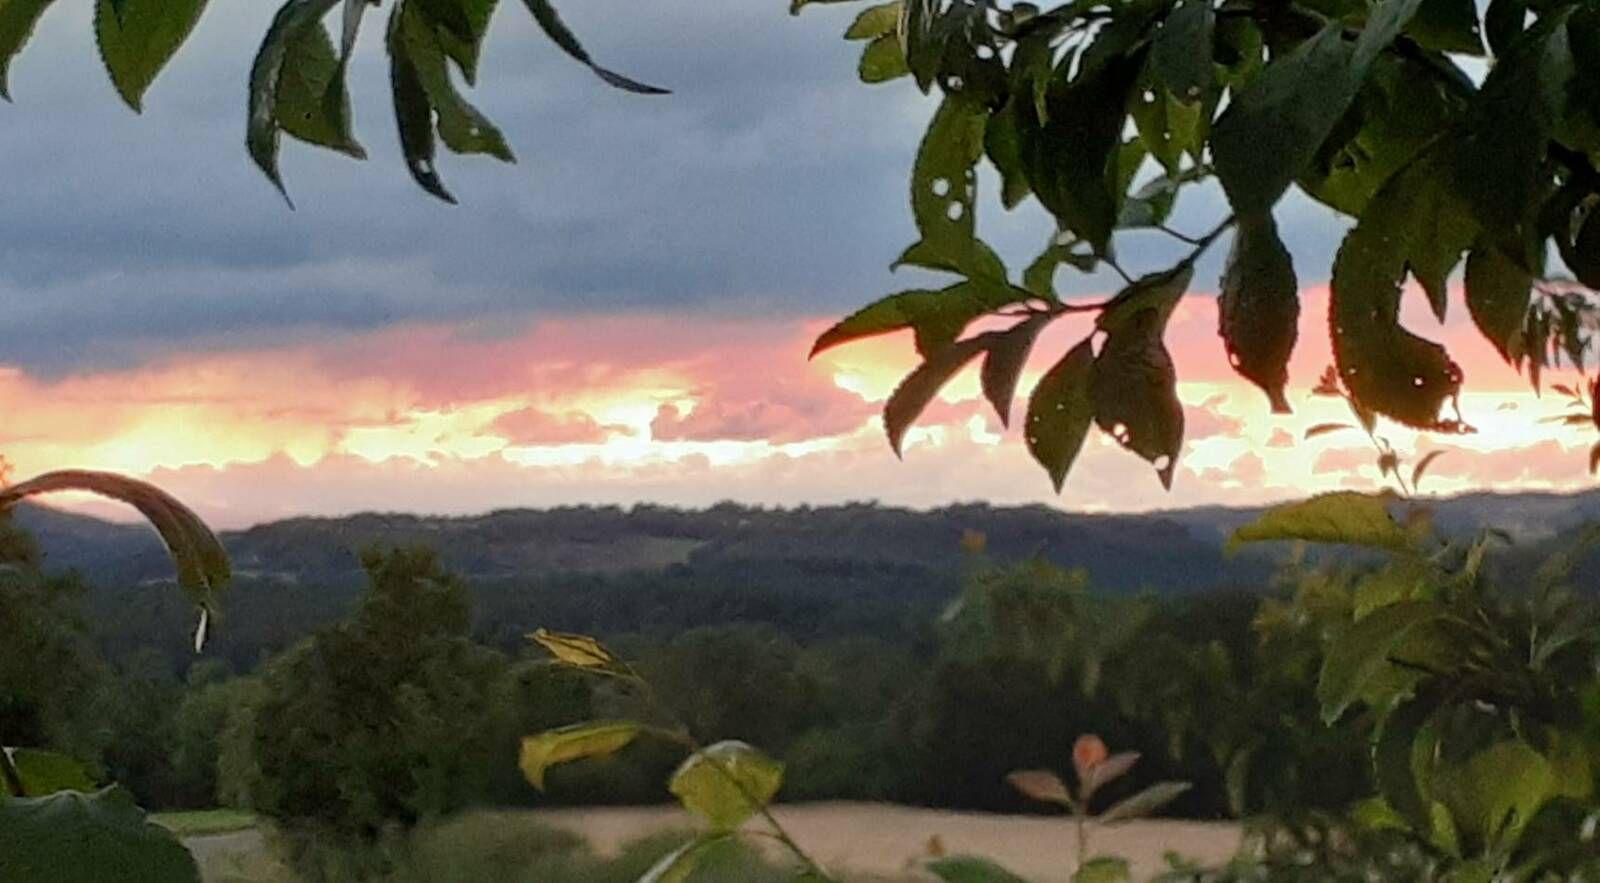 le soleil continue à se coucher, le 29 juin.